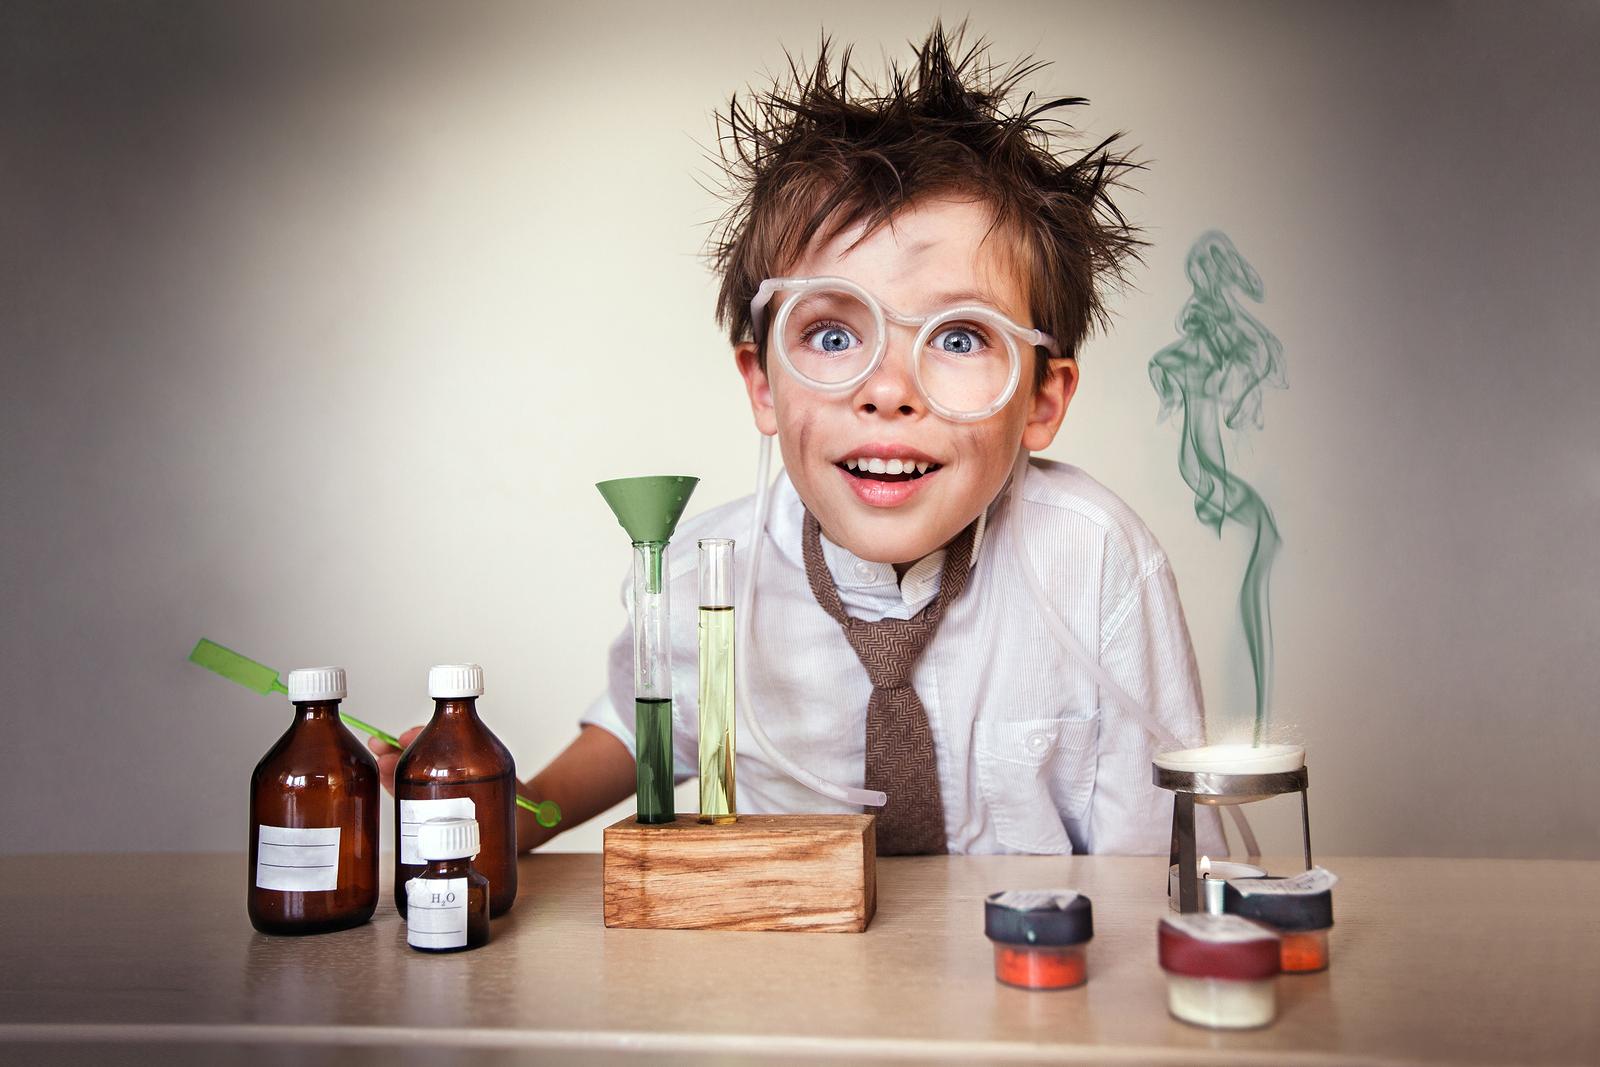 Gamin qui vient de rater des tests chimiques